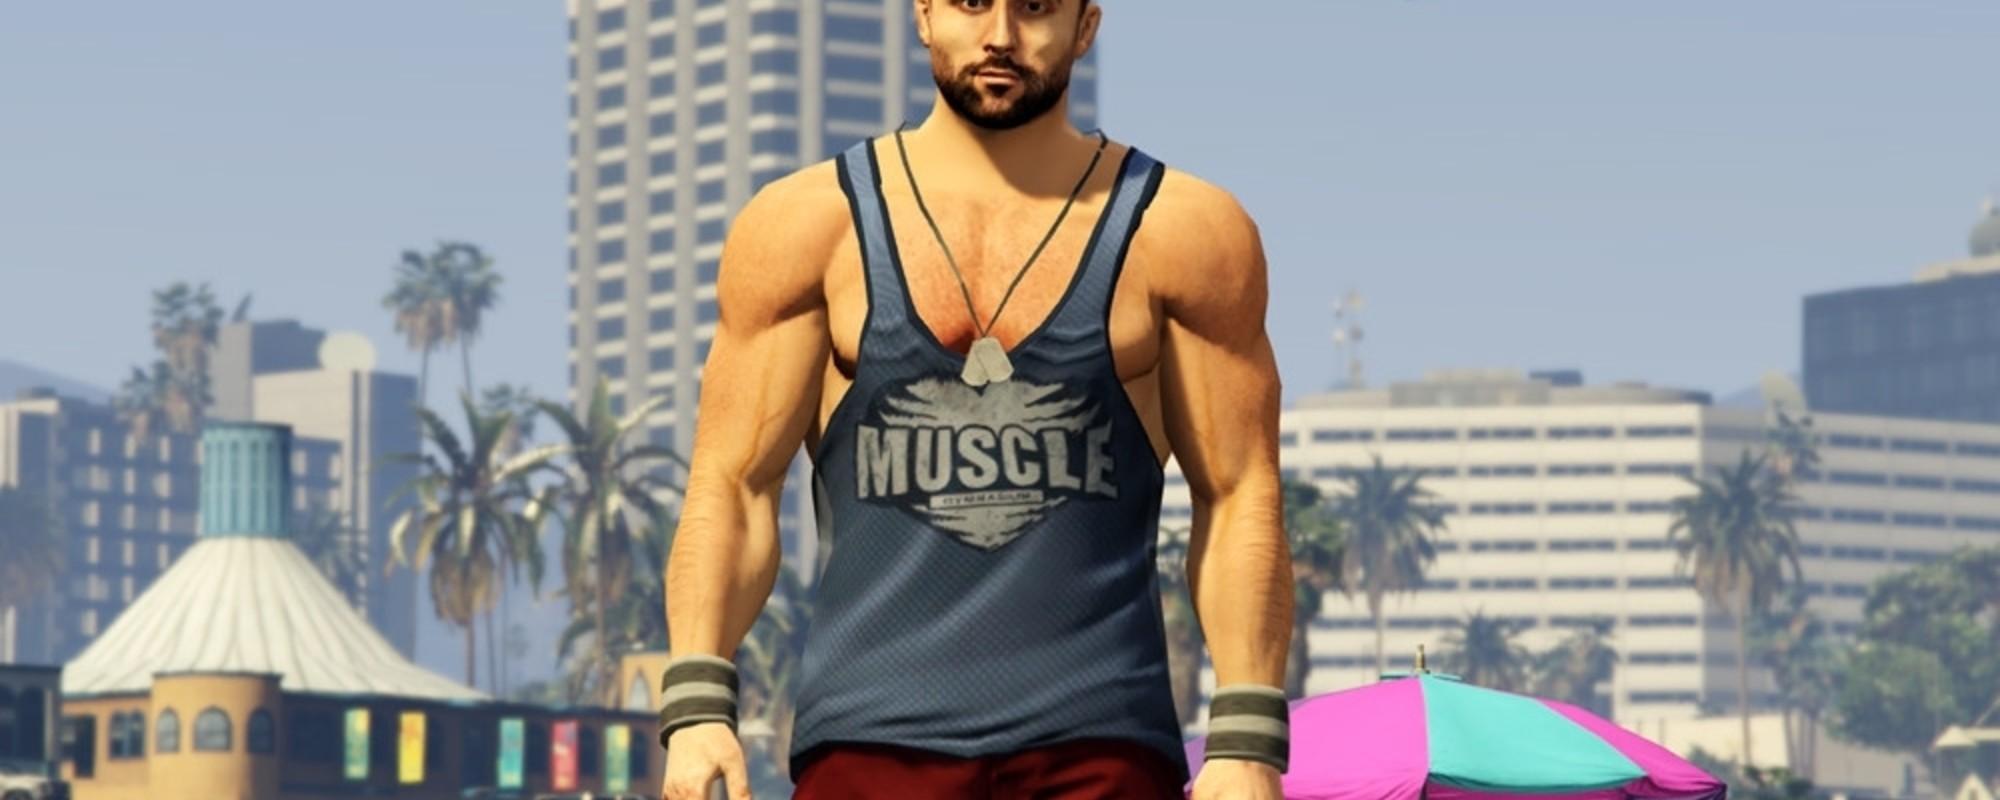 La gente de Los Santos: una galería de 'Grand Theft Auto V'